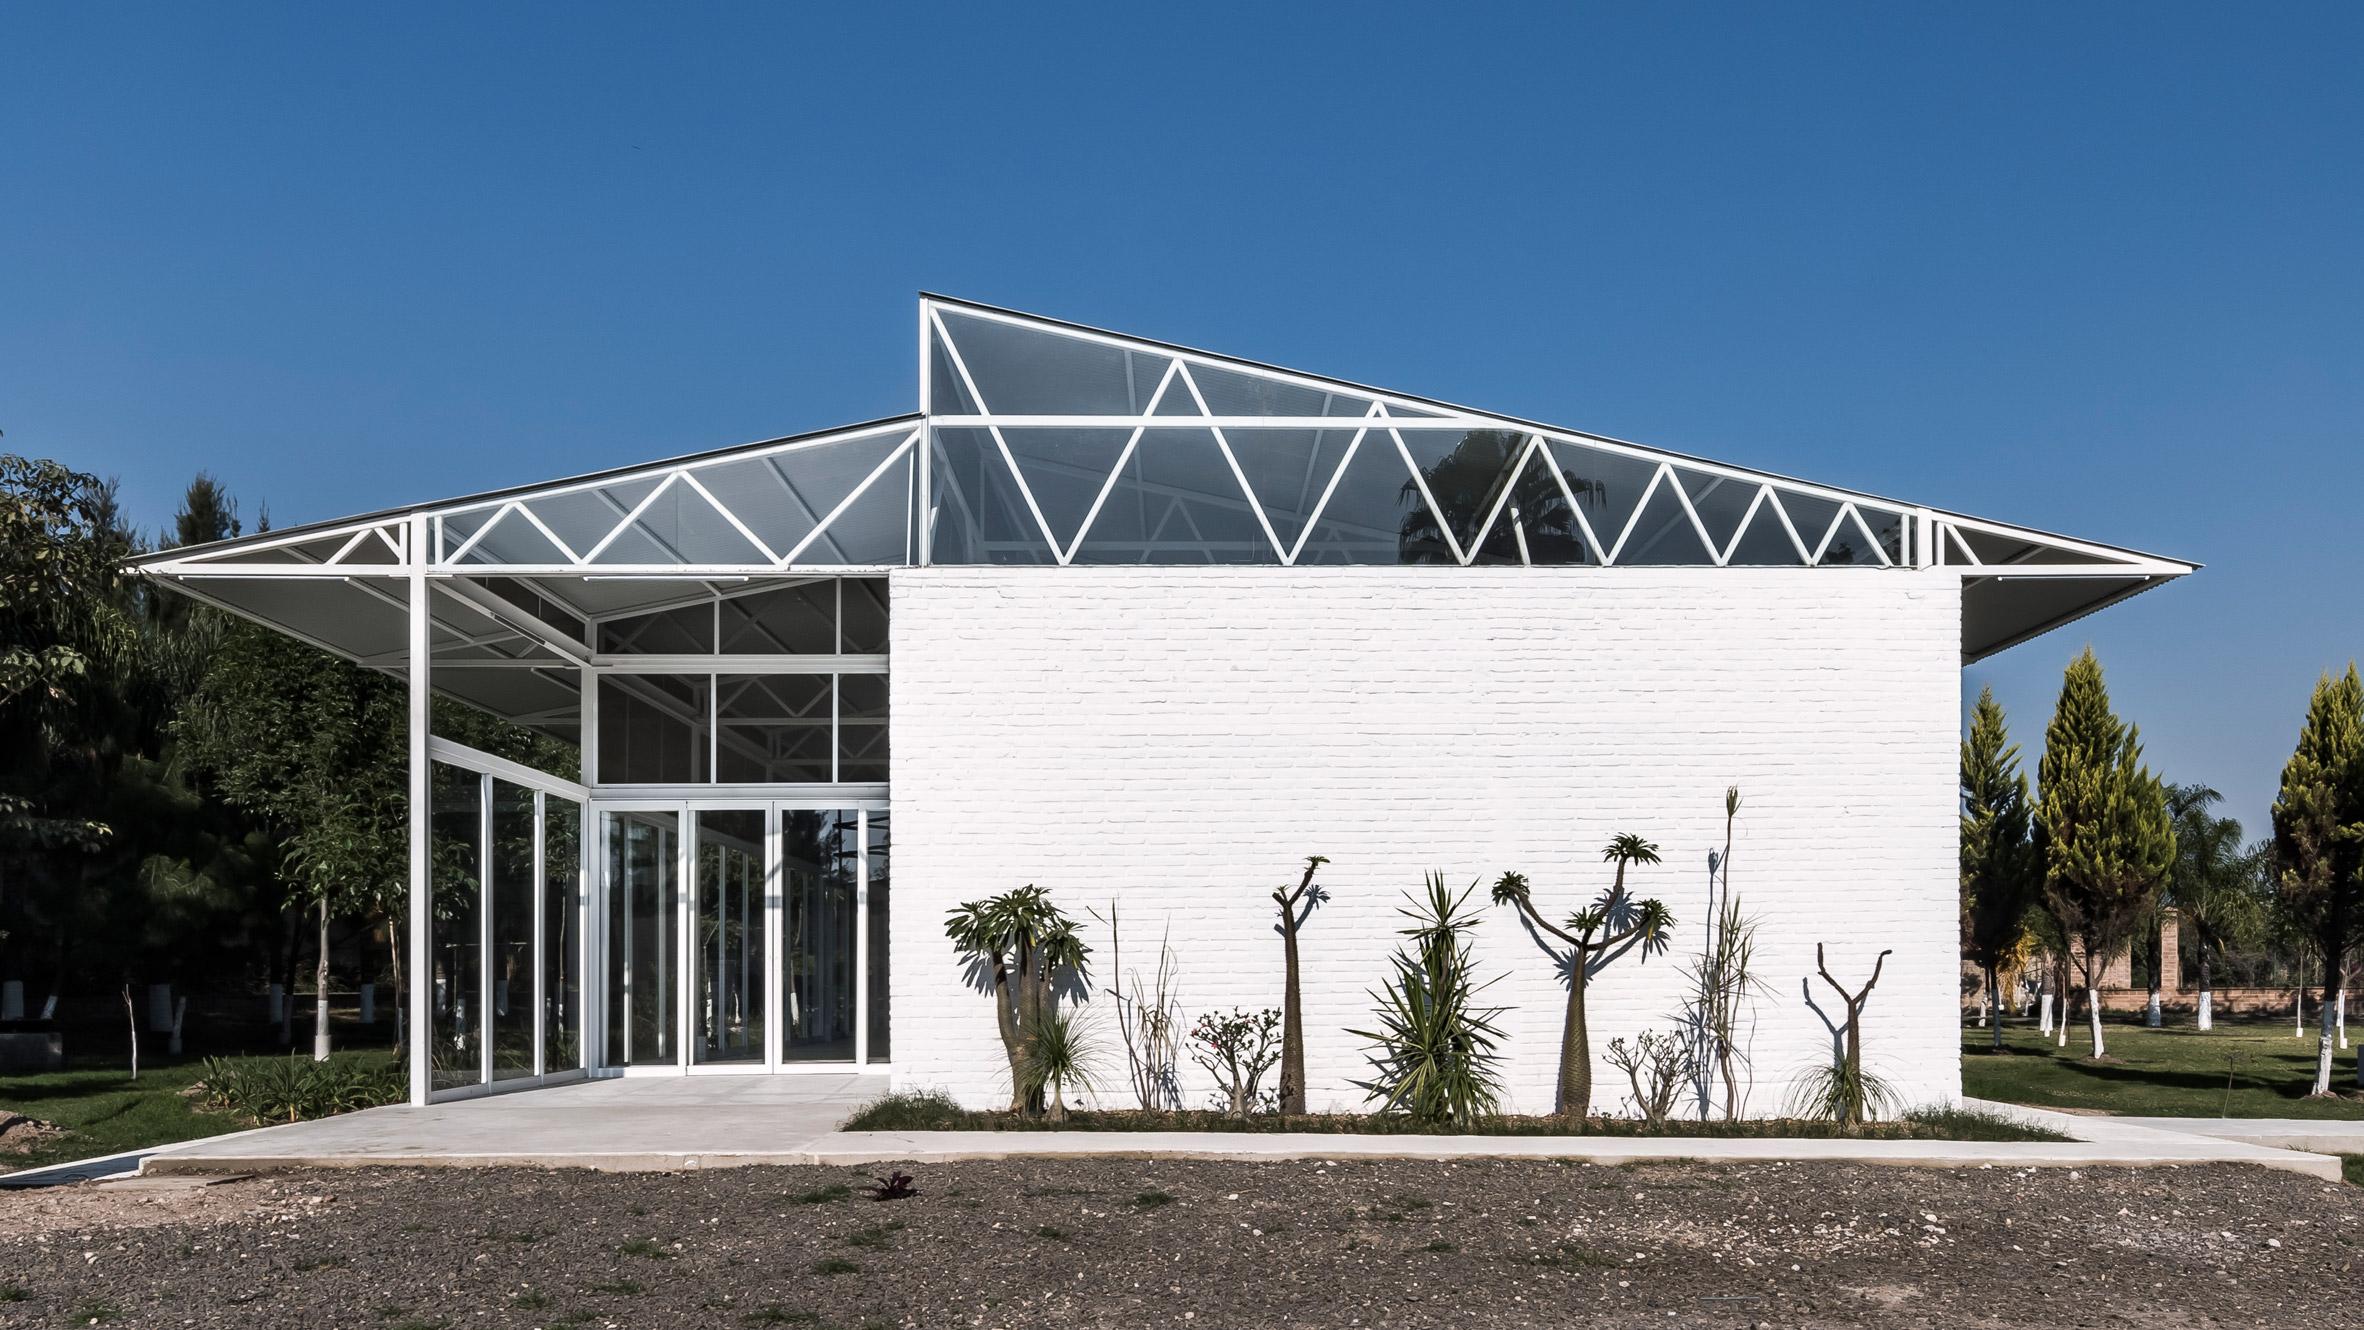 pabellon-avila-abraham-cota-paredes-architecture-pavilion-mexico_dezeen_2364_col_20